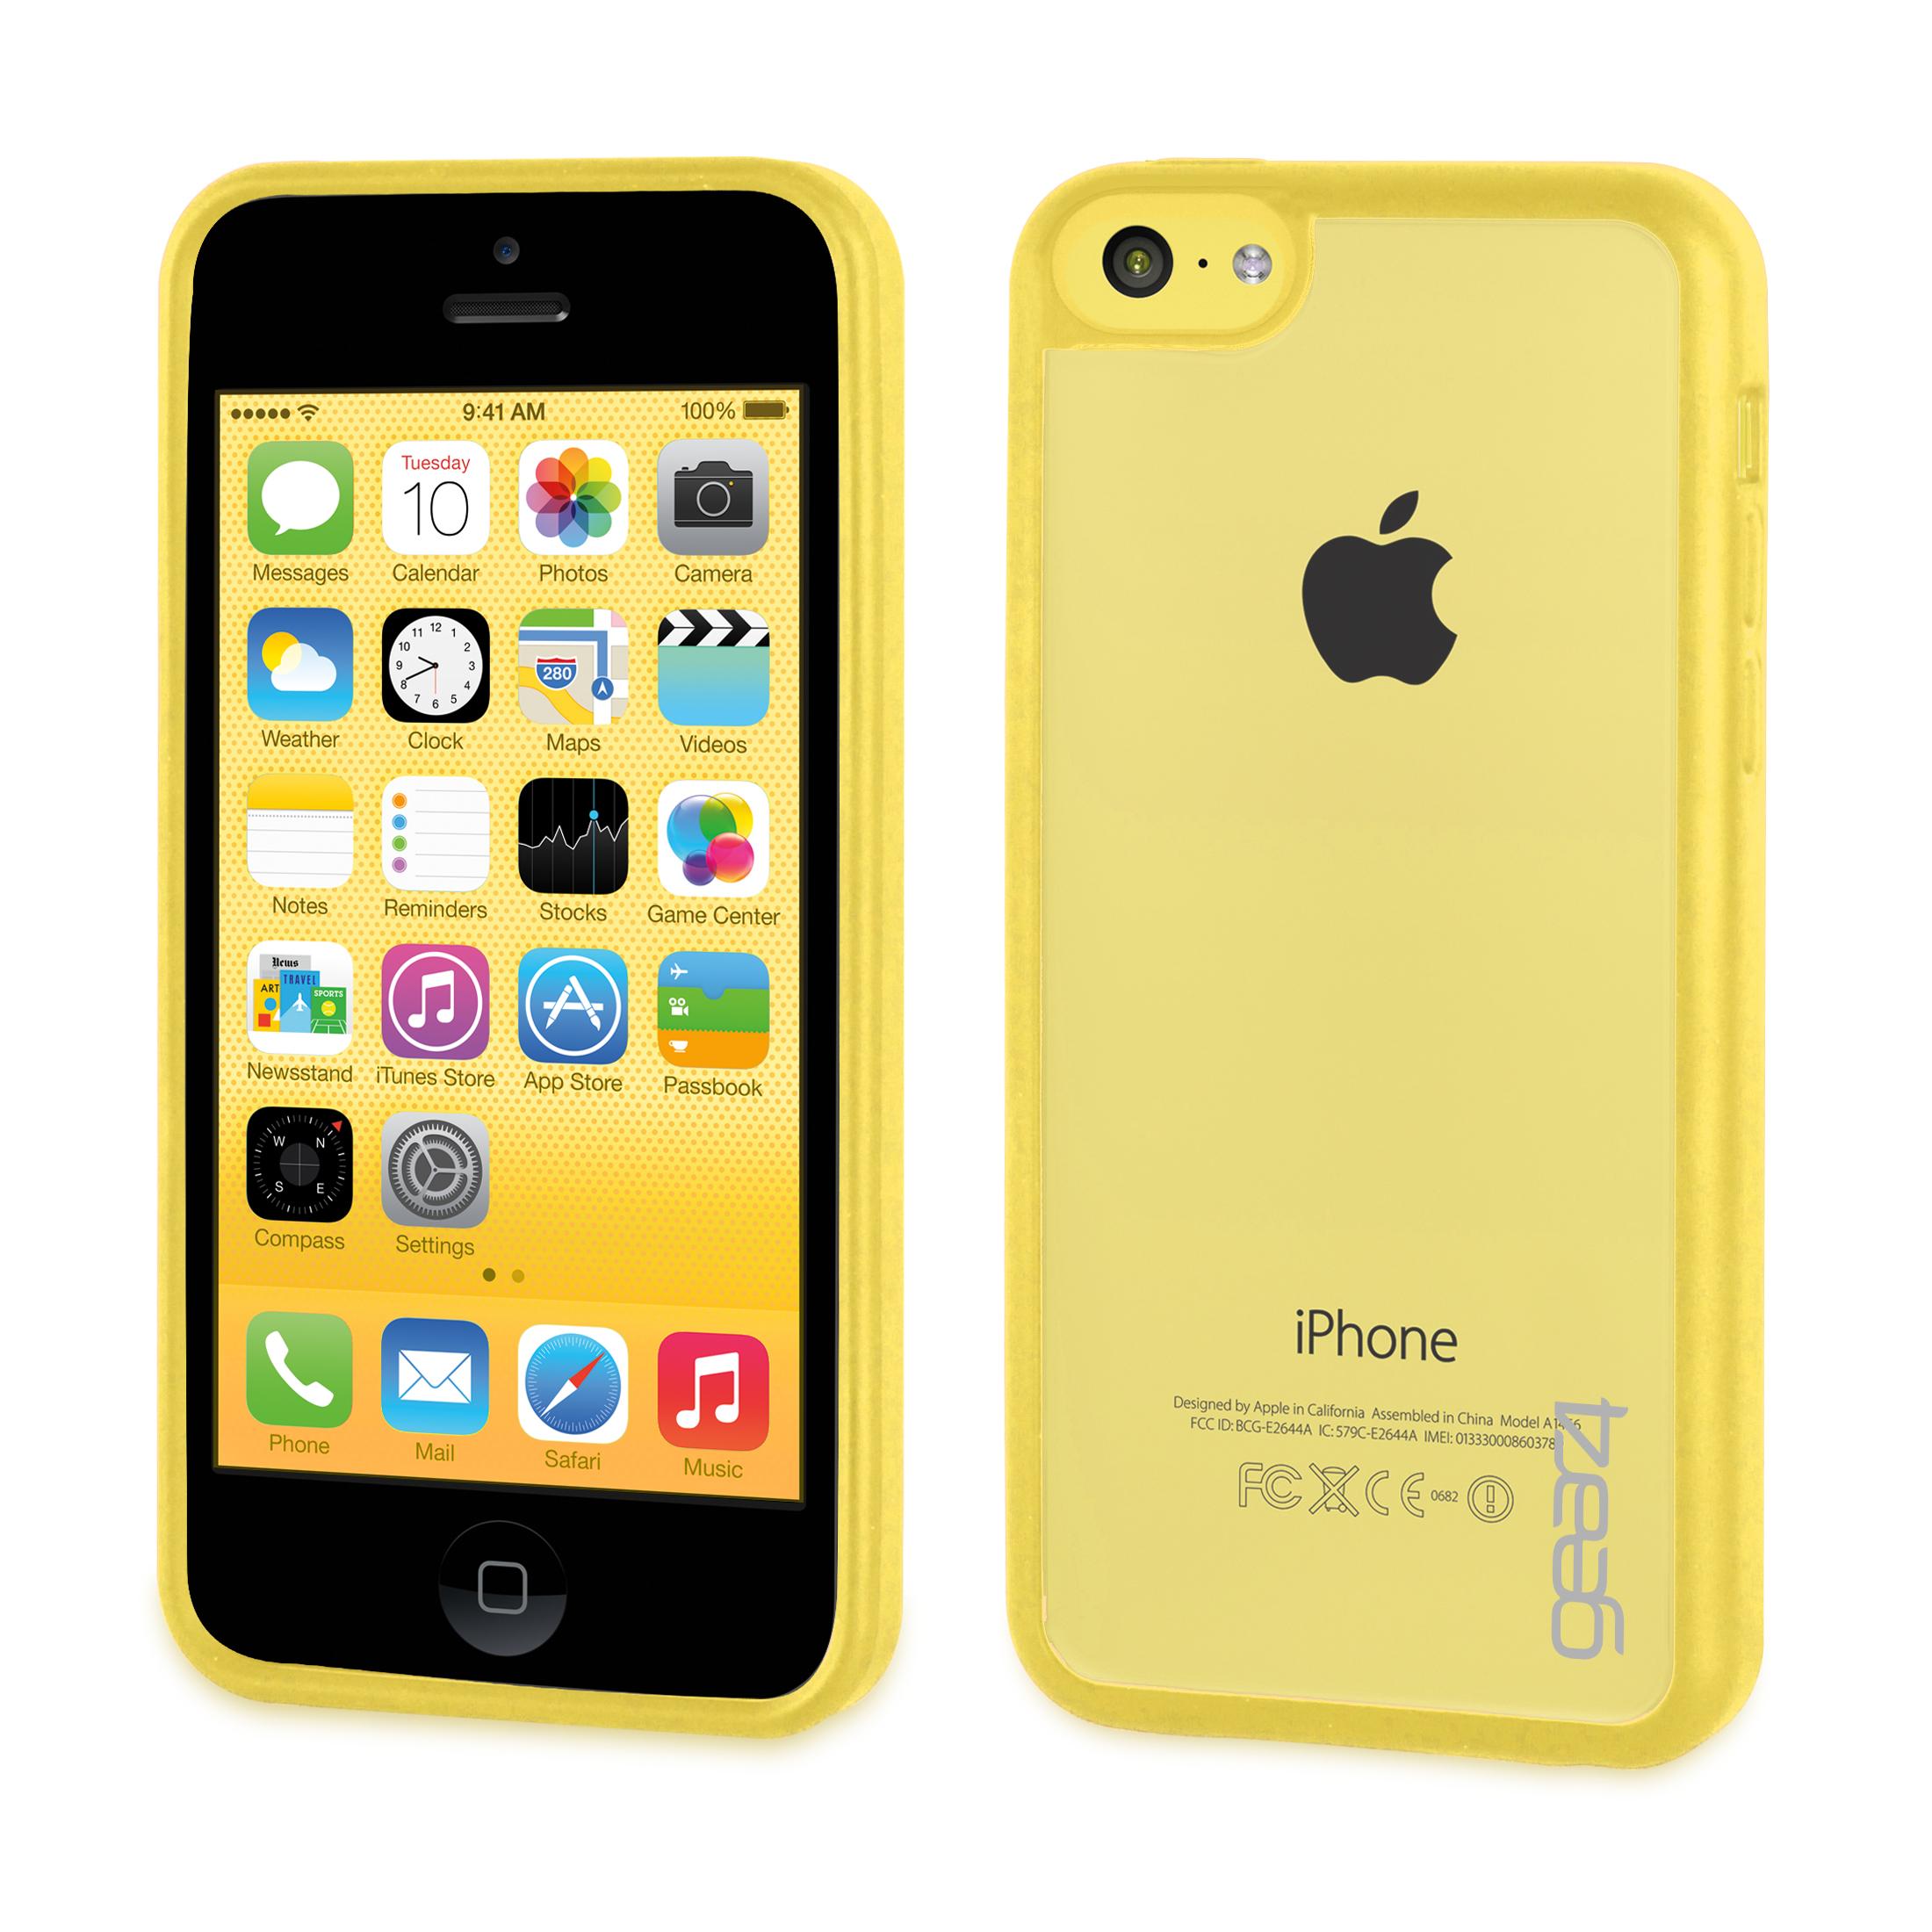 Coque Gear4 iPhone 5C jaune